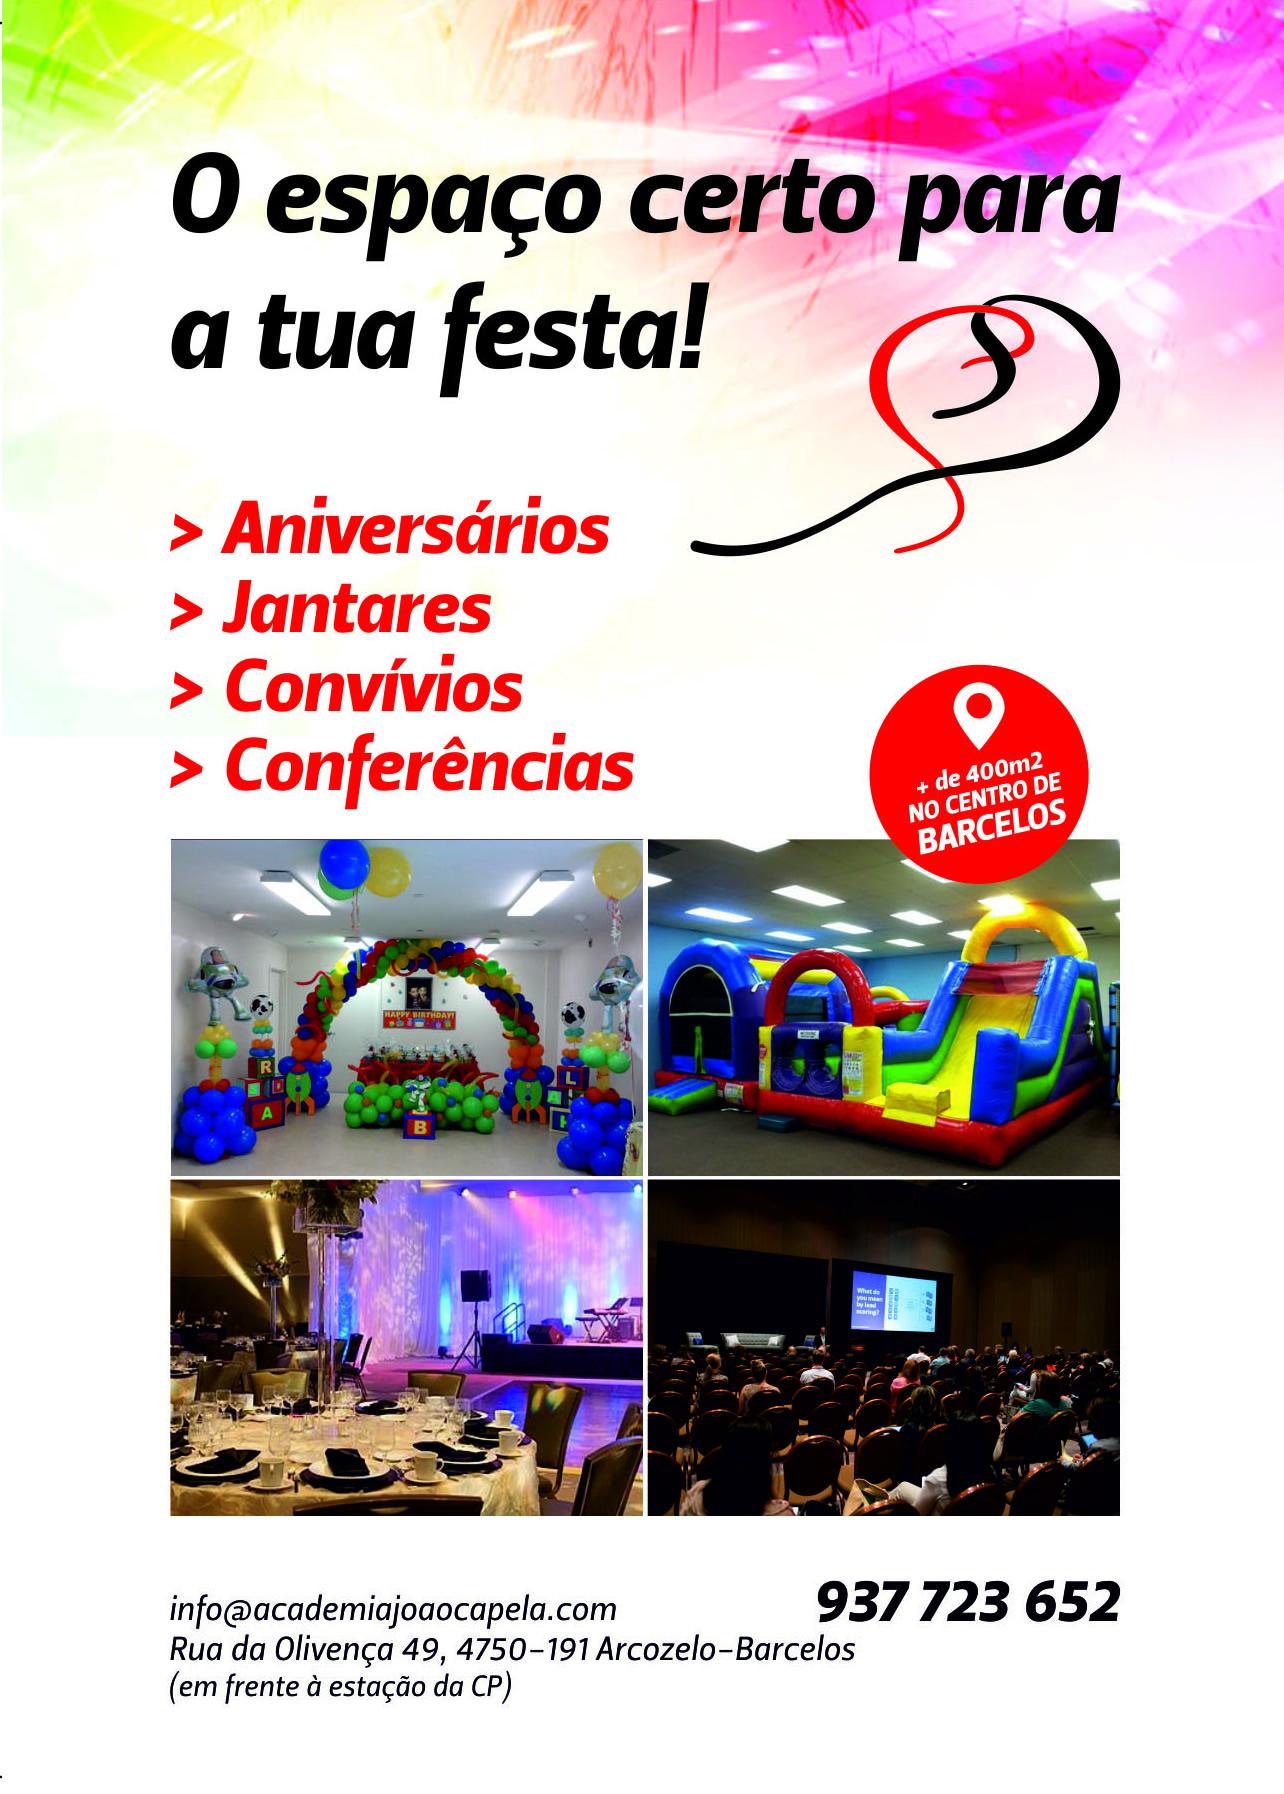 Aluguer do Espaço para Festas de Anos e outros Eventos em Barcelos